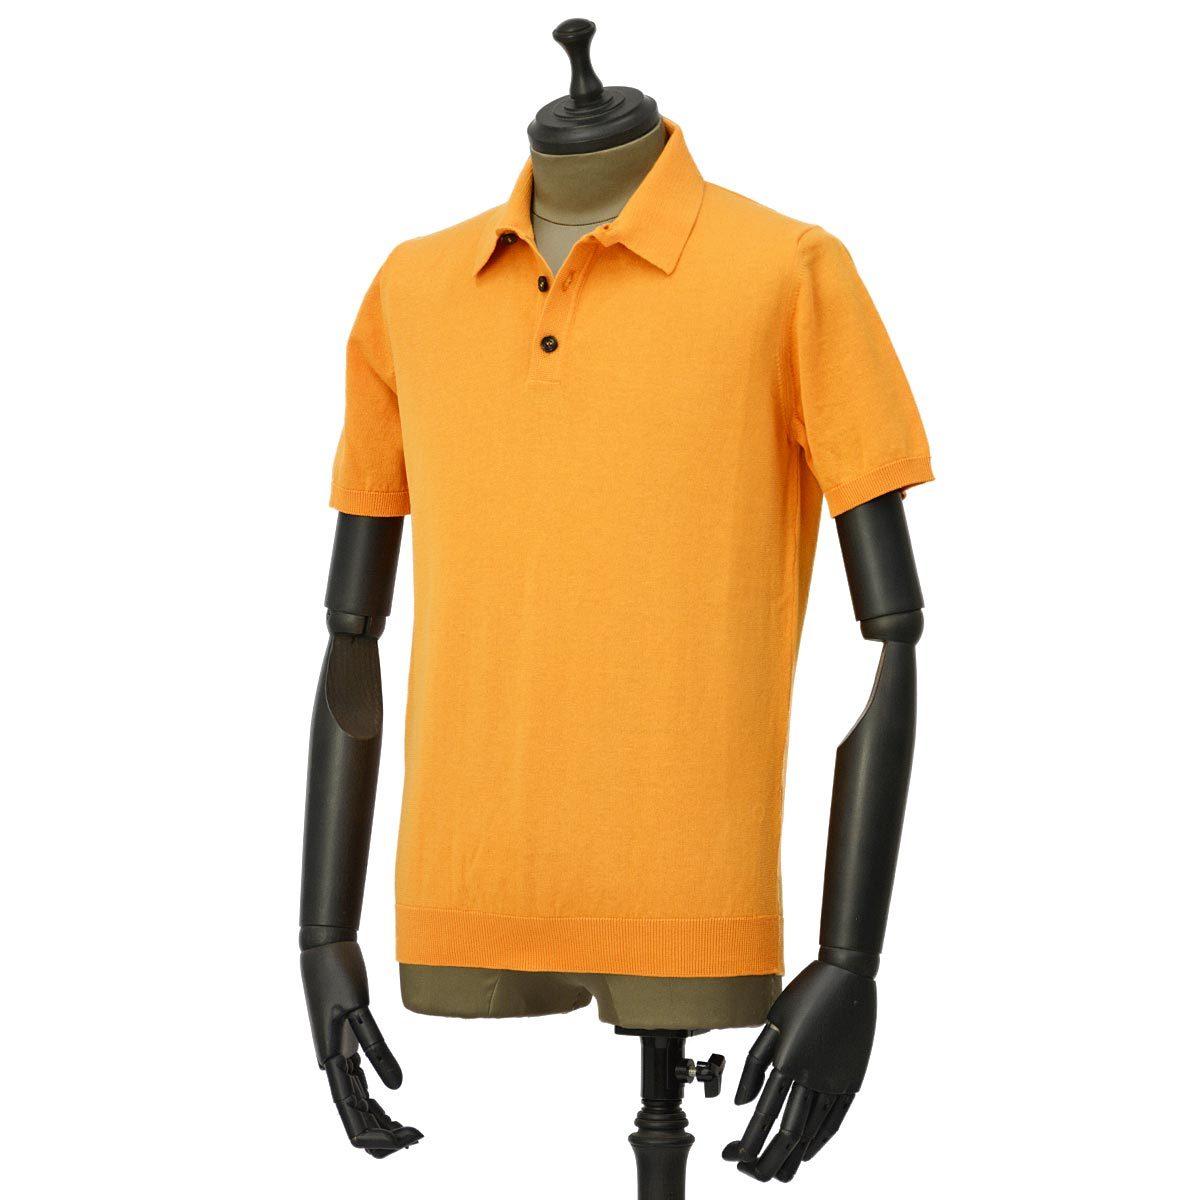 roberto collina【ロベルトコリーナ】ニットポロ RV10024 41 コットン オレンジ